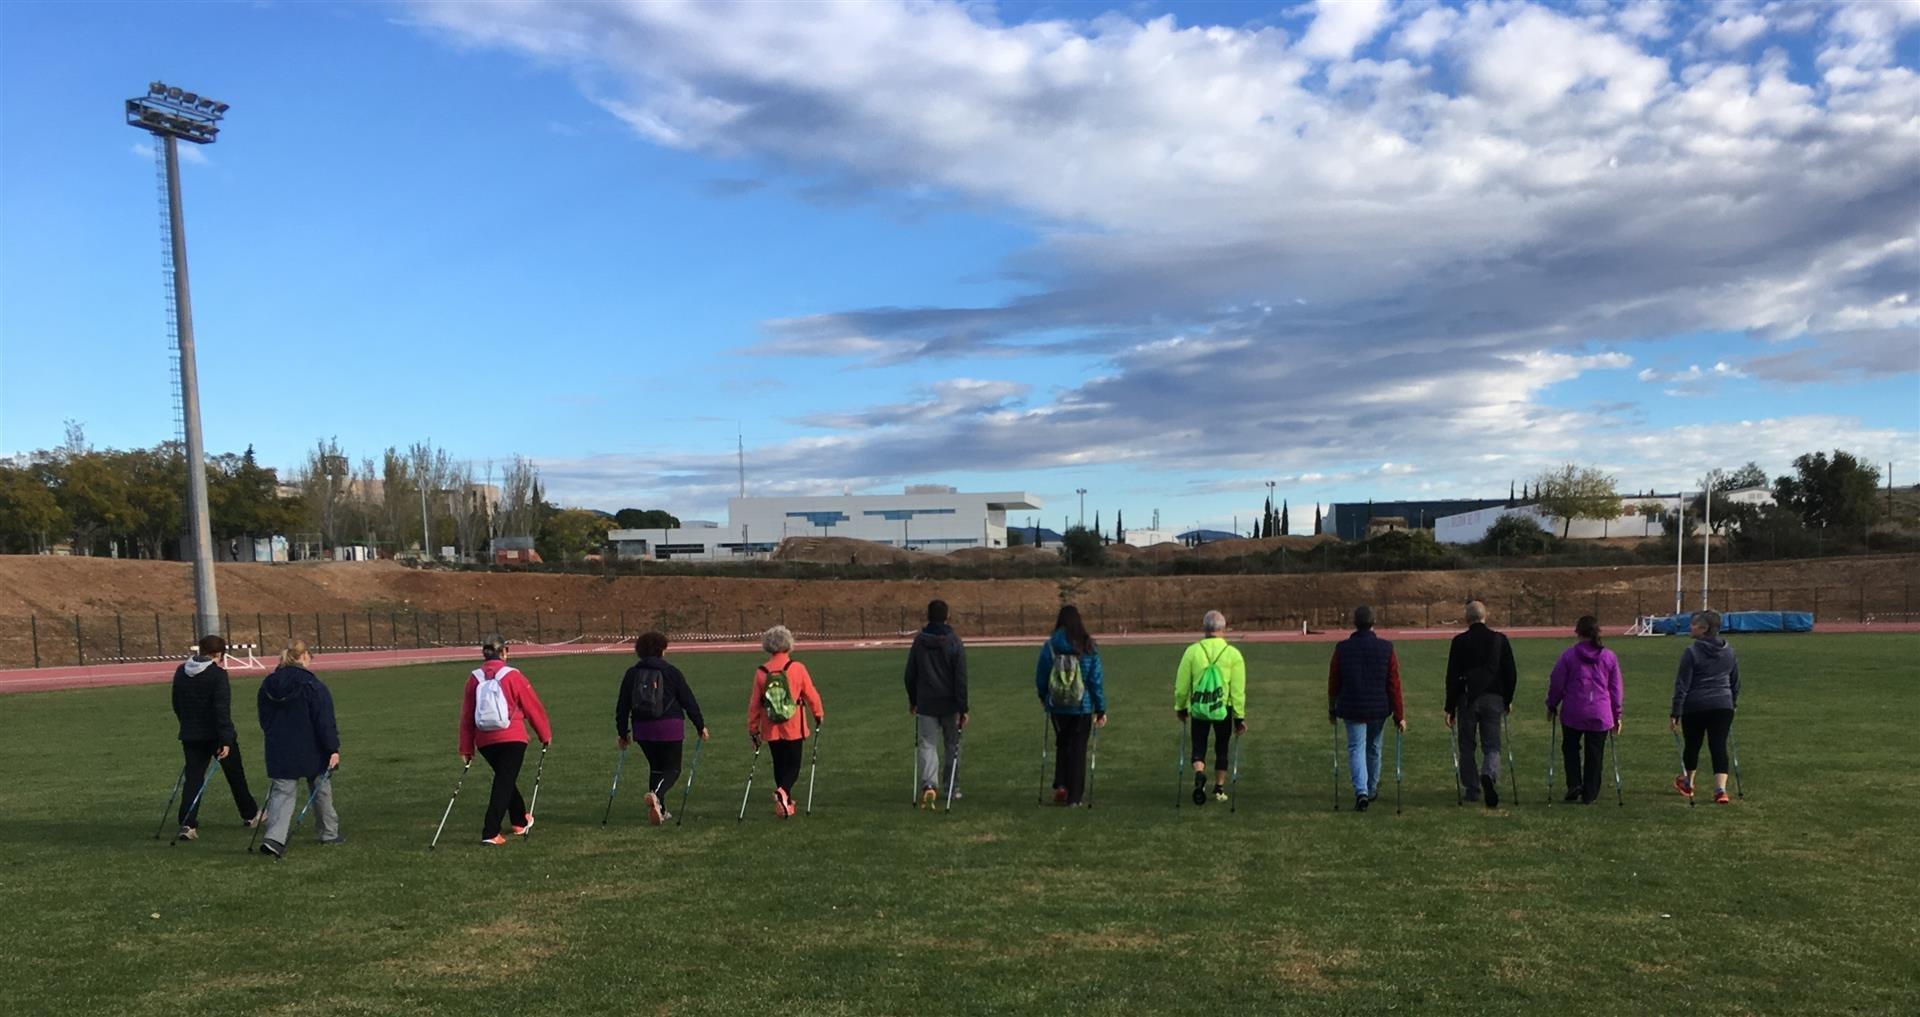 Tret de sortida a la nova temporada de marxa nòrdica del Patronat Municipal d'Esports